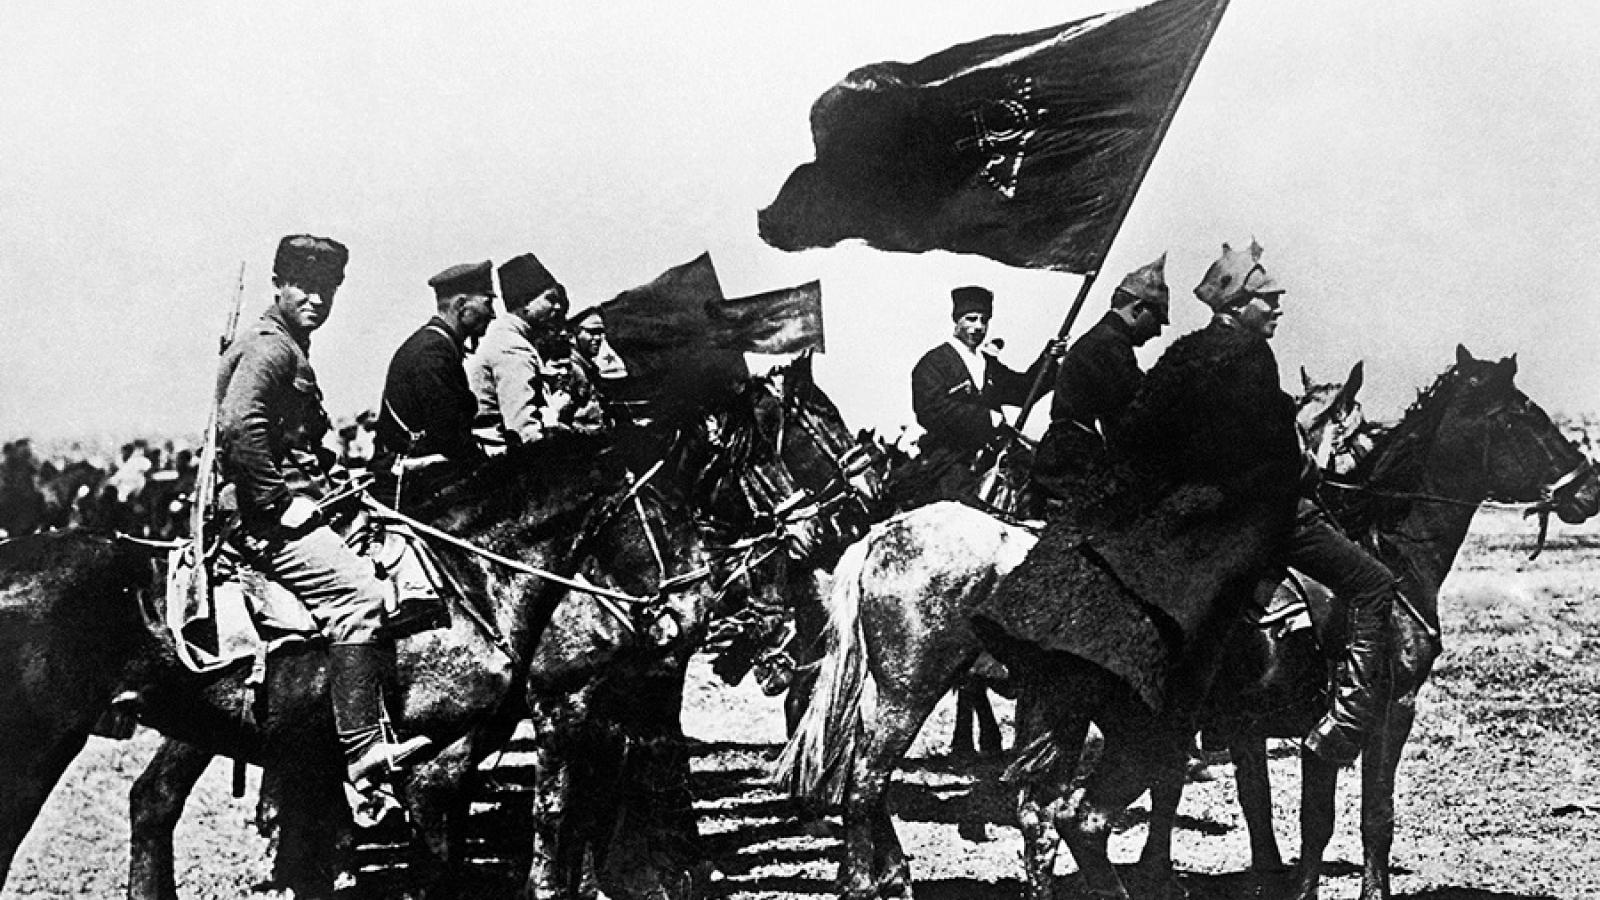 Hợp tác giữa phe Bolshevik và Bạch vệ Nga trên lãnh thổ Trung Quốc